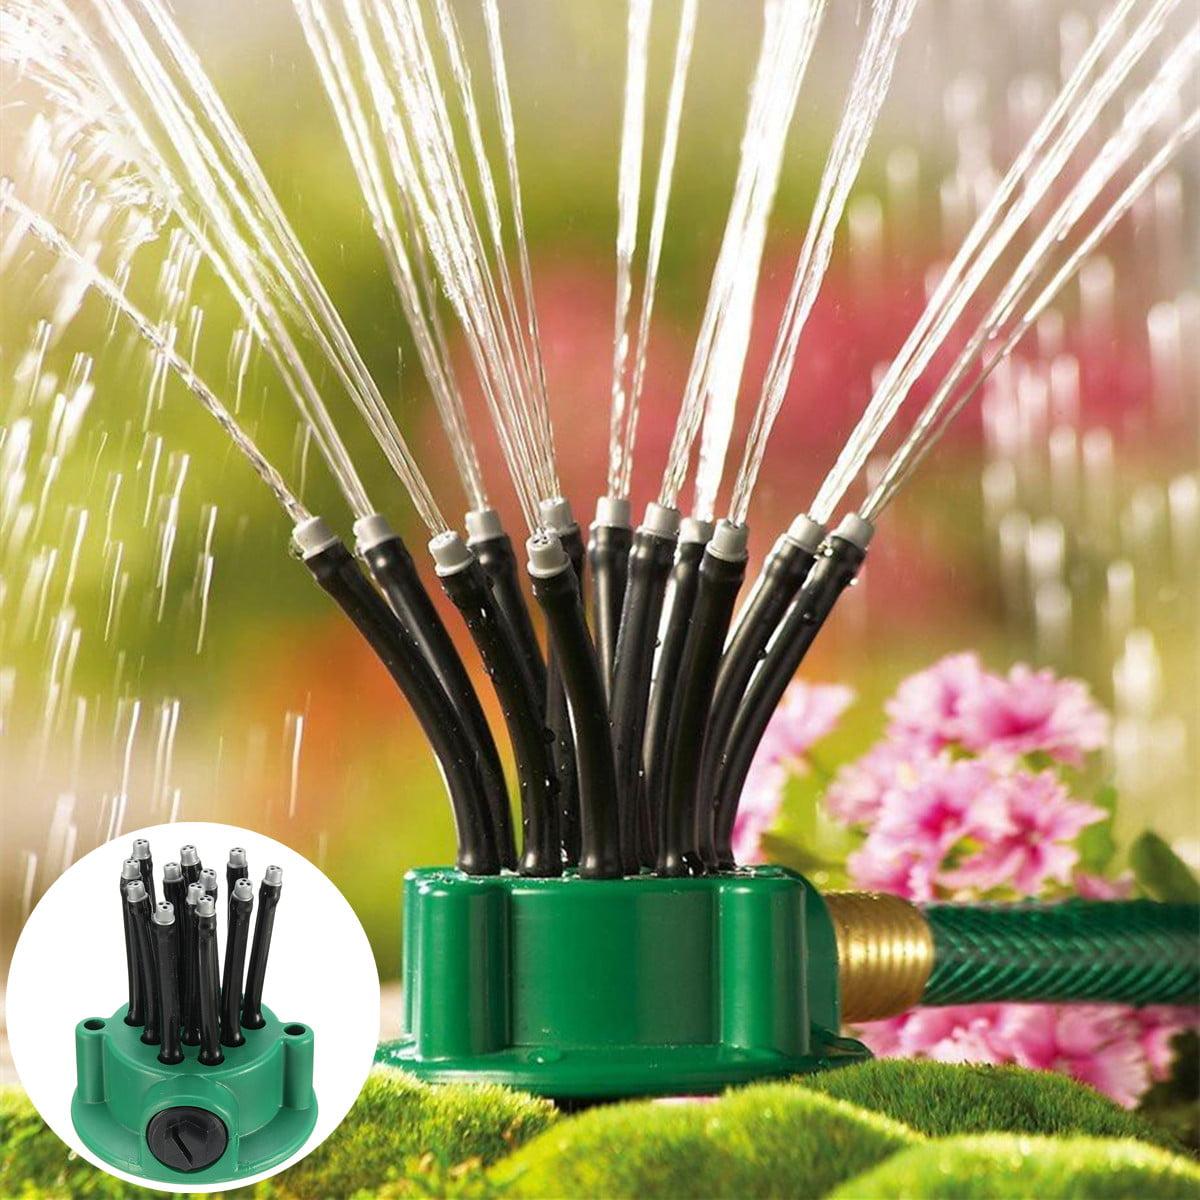 360 Degrees Flexible Garden Yard Sprinkler Adjustable Pulsating Sprinkler Lawn Irrigation... by